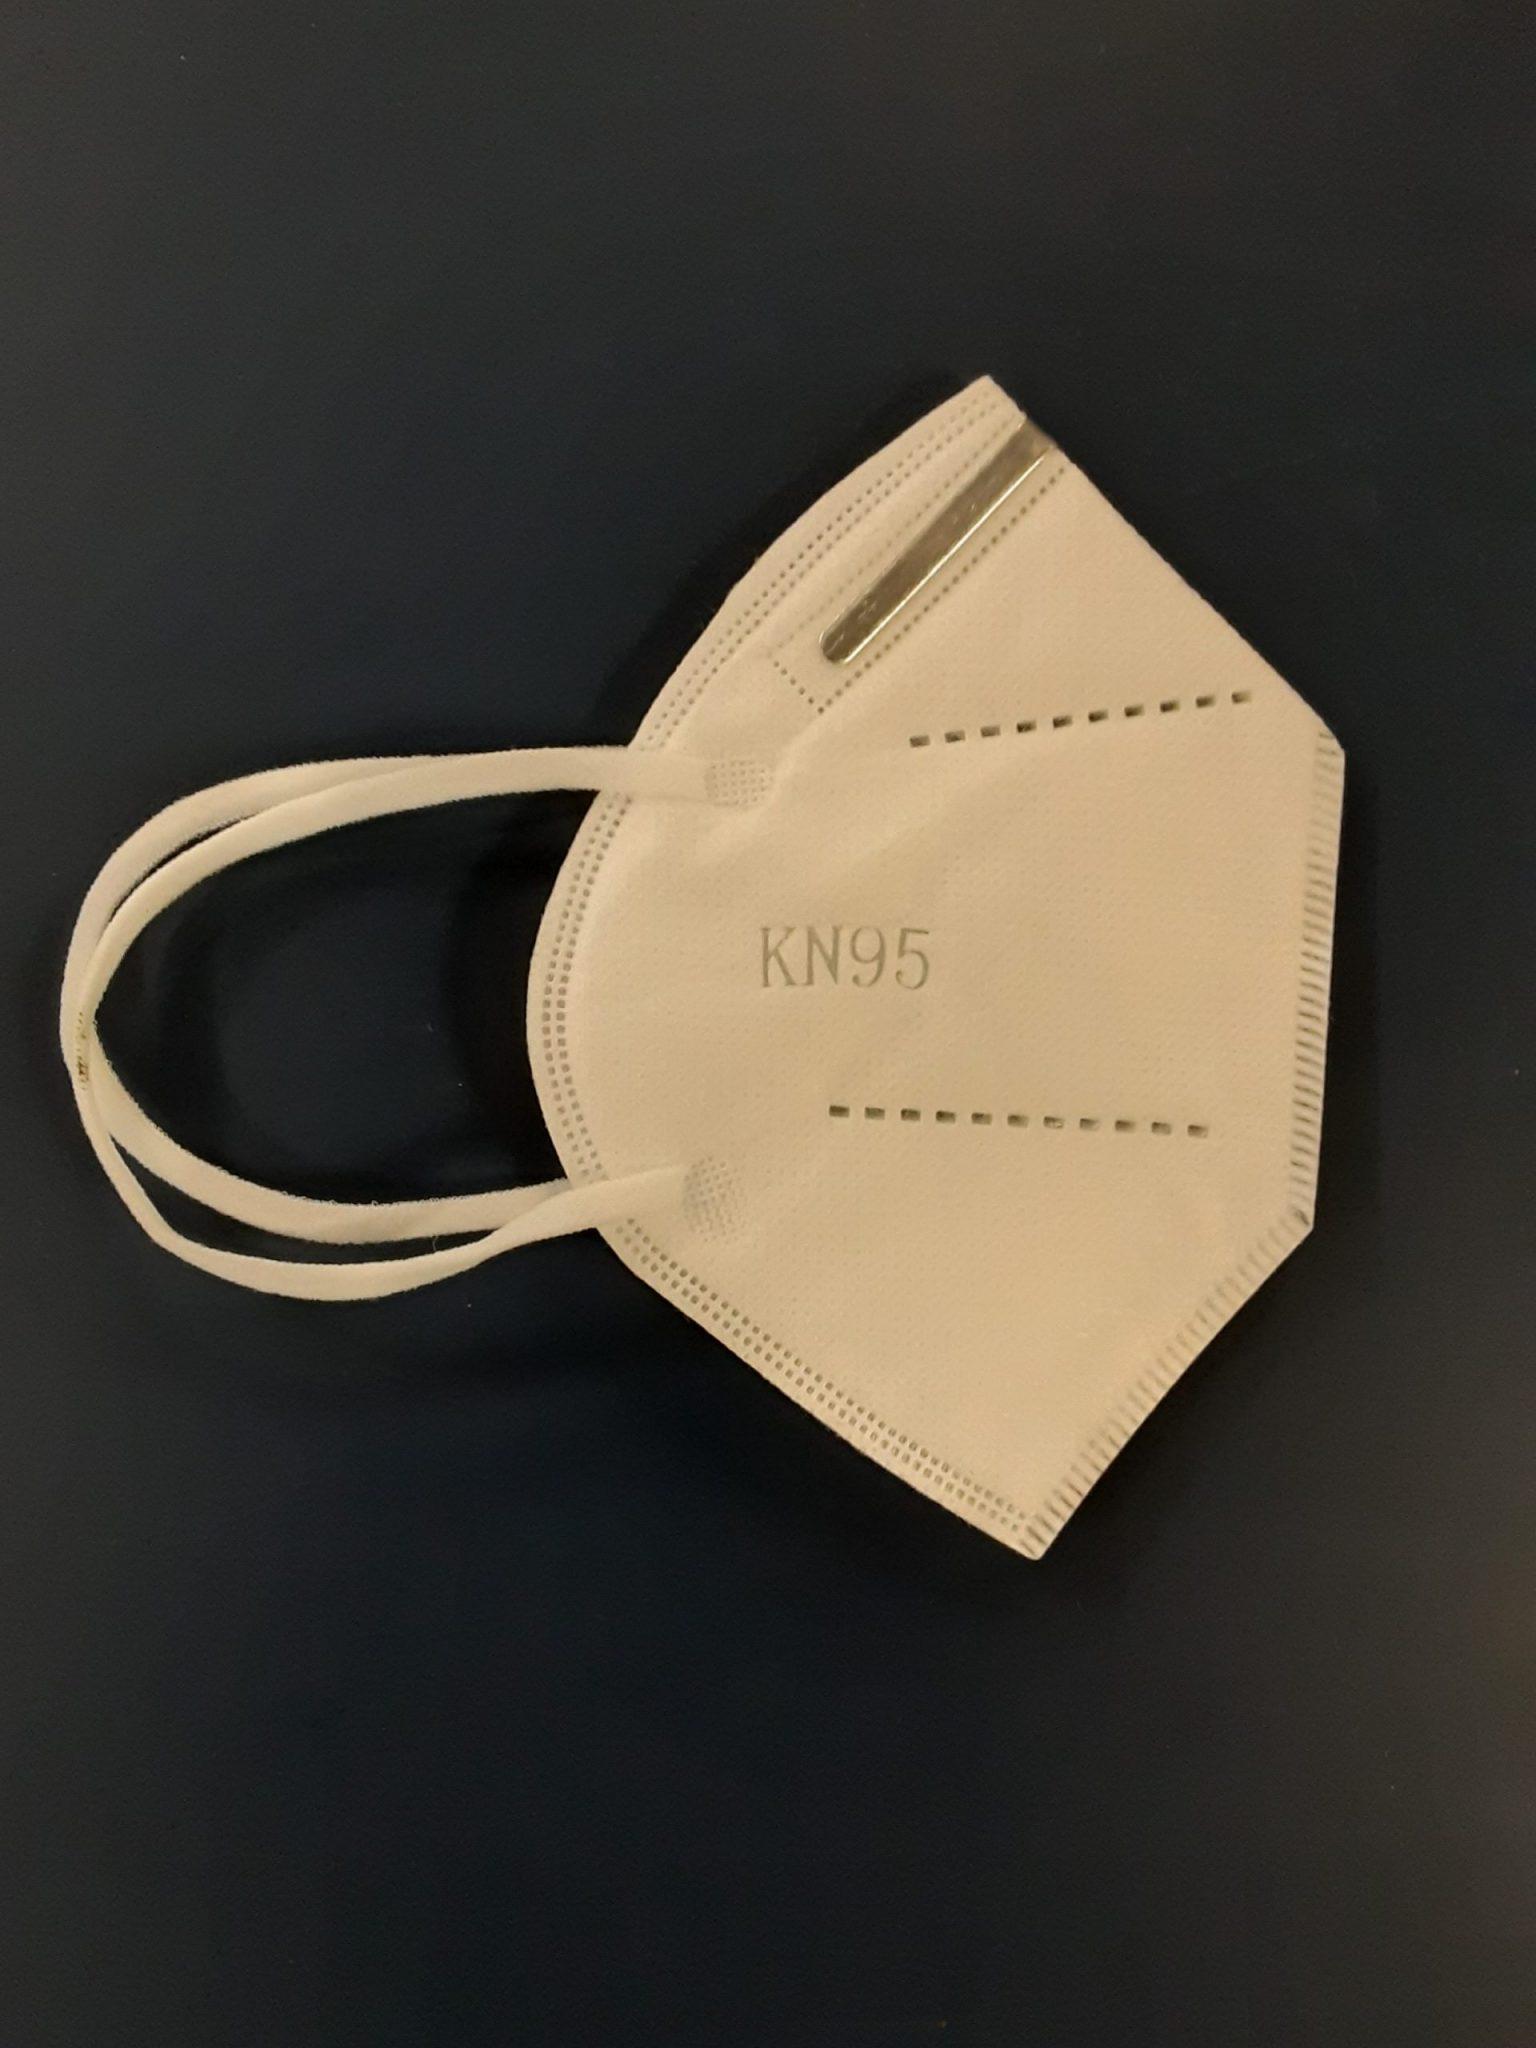 KN 95 Masks